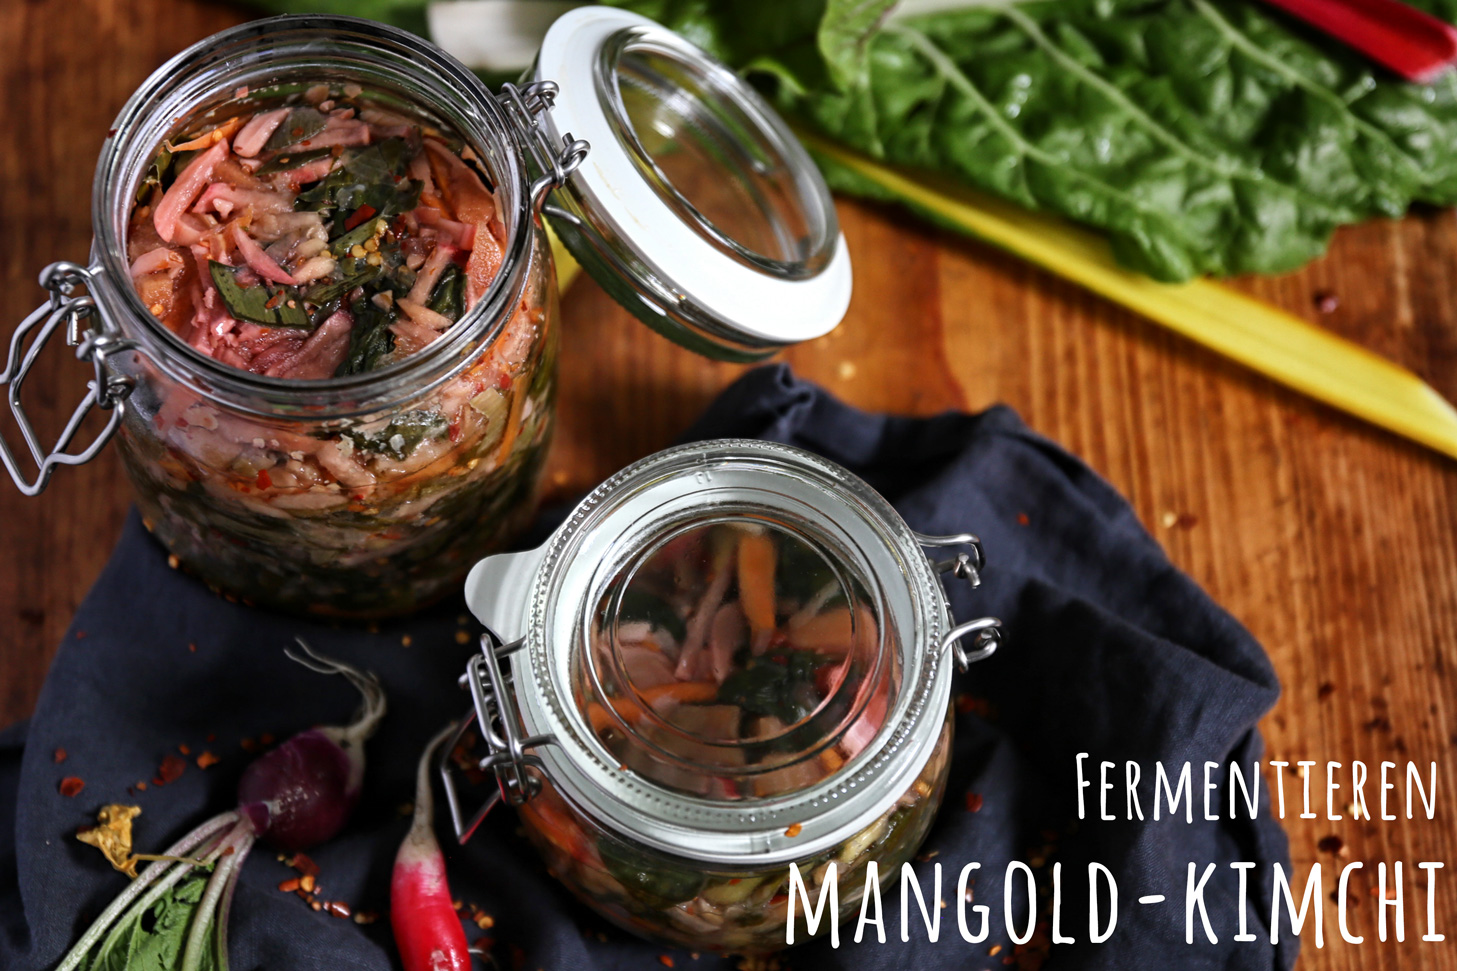 Fermentieren: Mangold-Kimchi - Pottgewächs